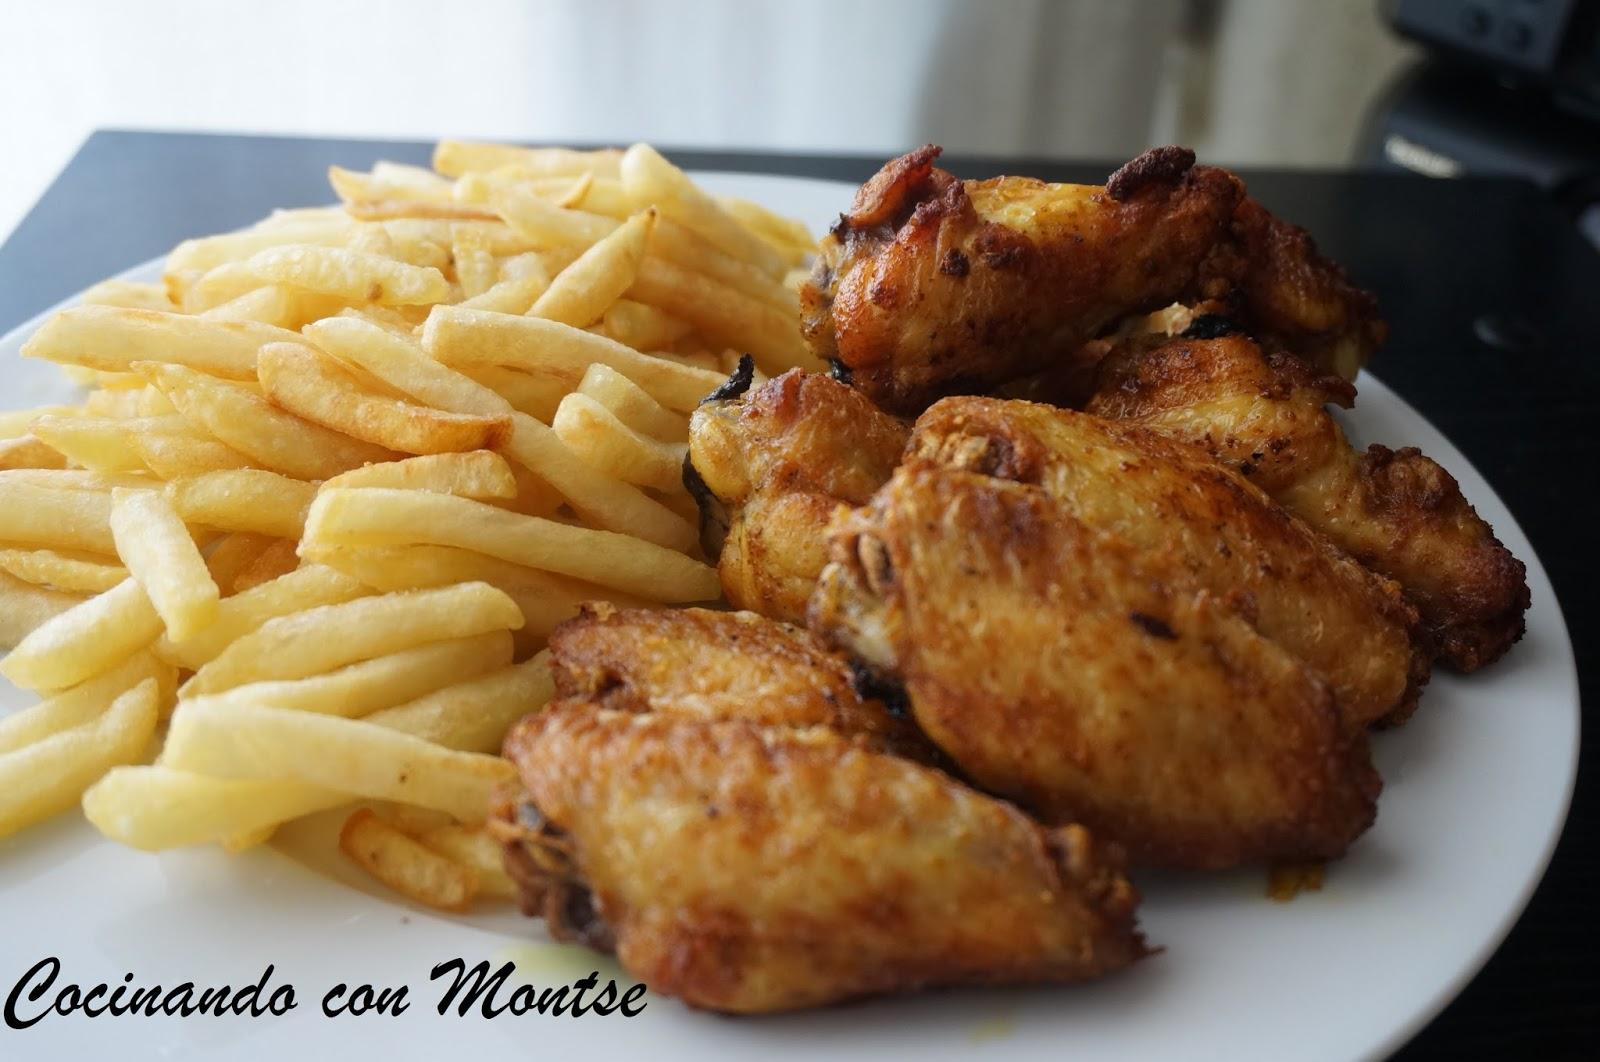 Cocinando con montse alitas de pollo fritas - Como preparar pinchos de pollo ...